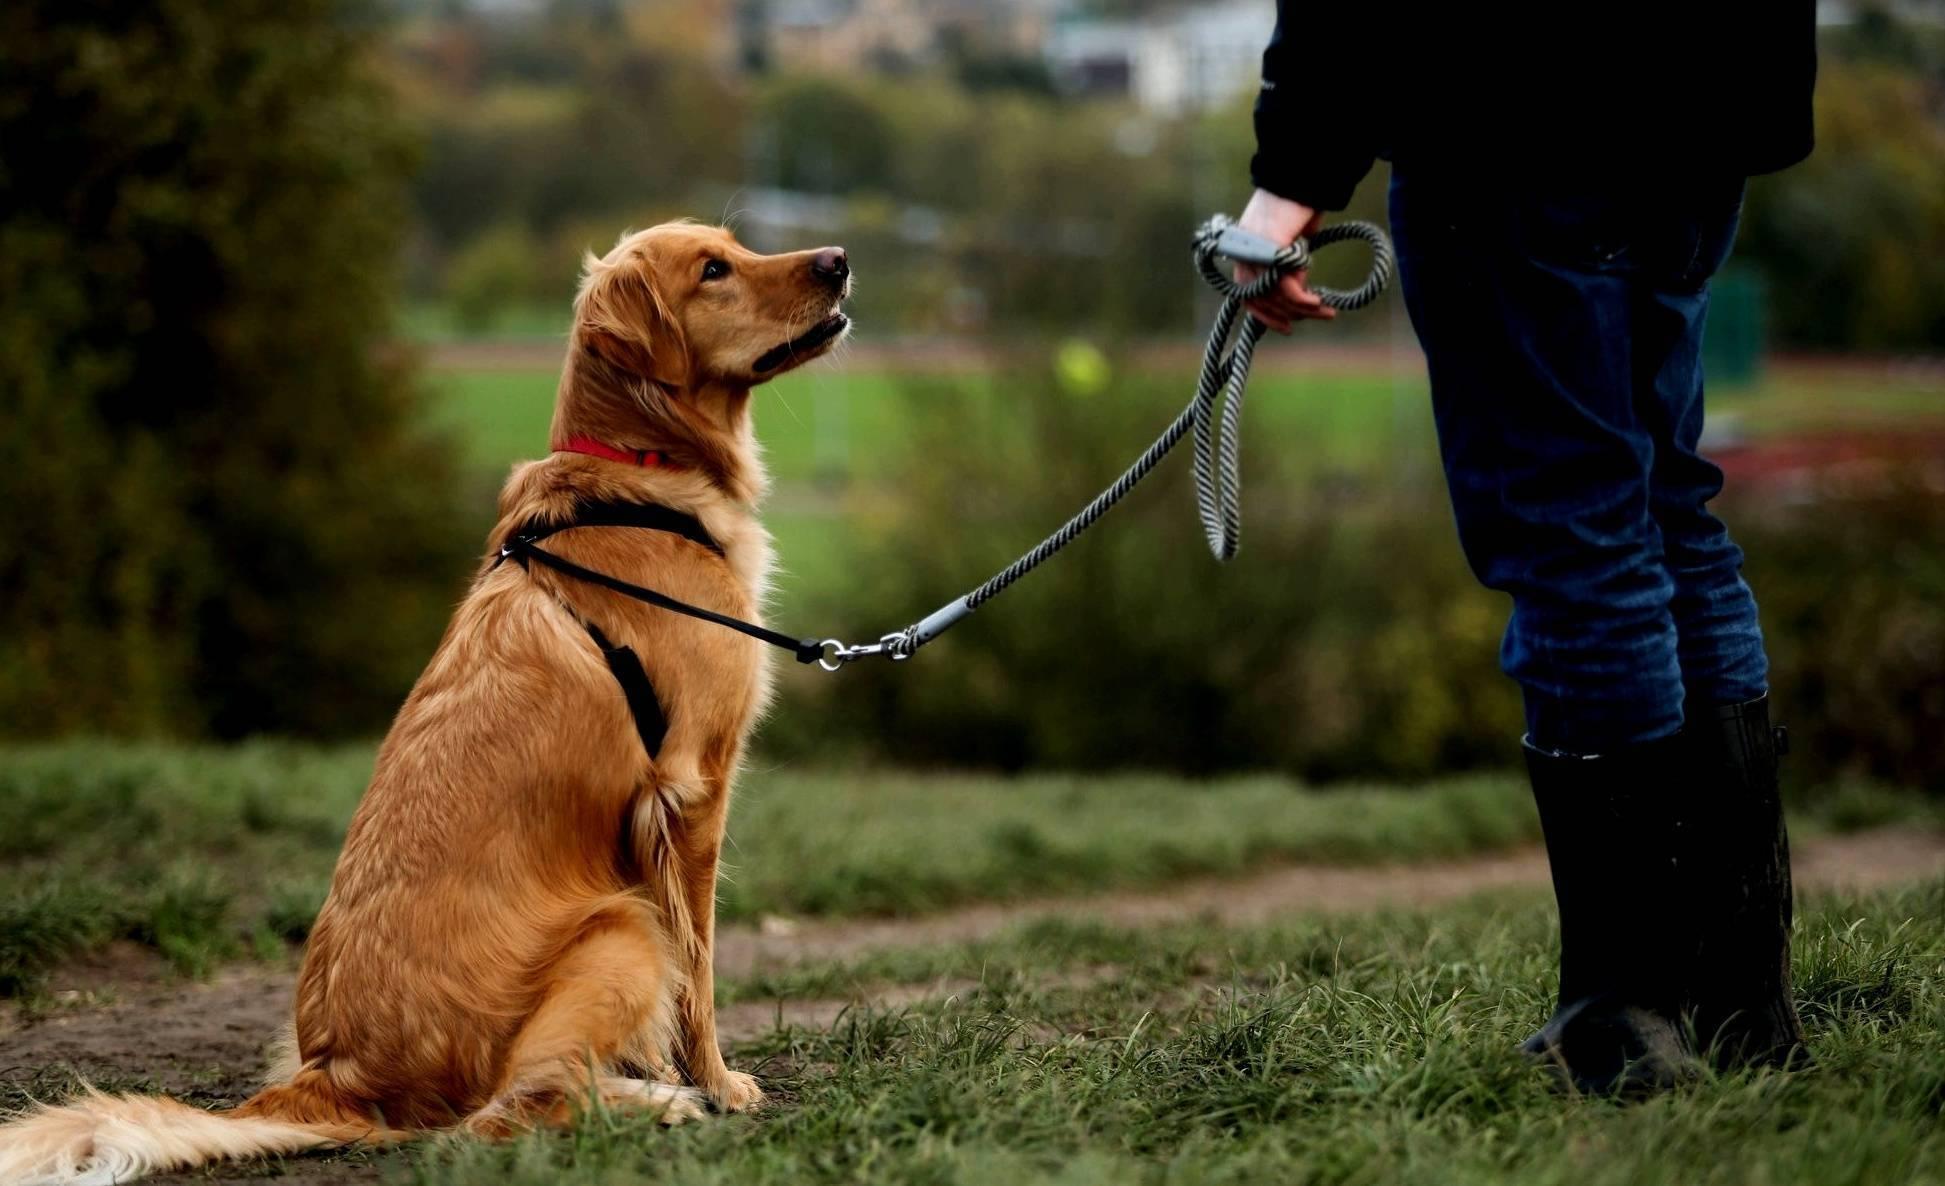 Как научить собаку команде дай. обучаем щенка или собаку отдавать предметы и игрушки - dogtricks.ru